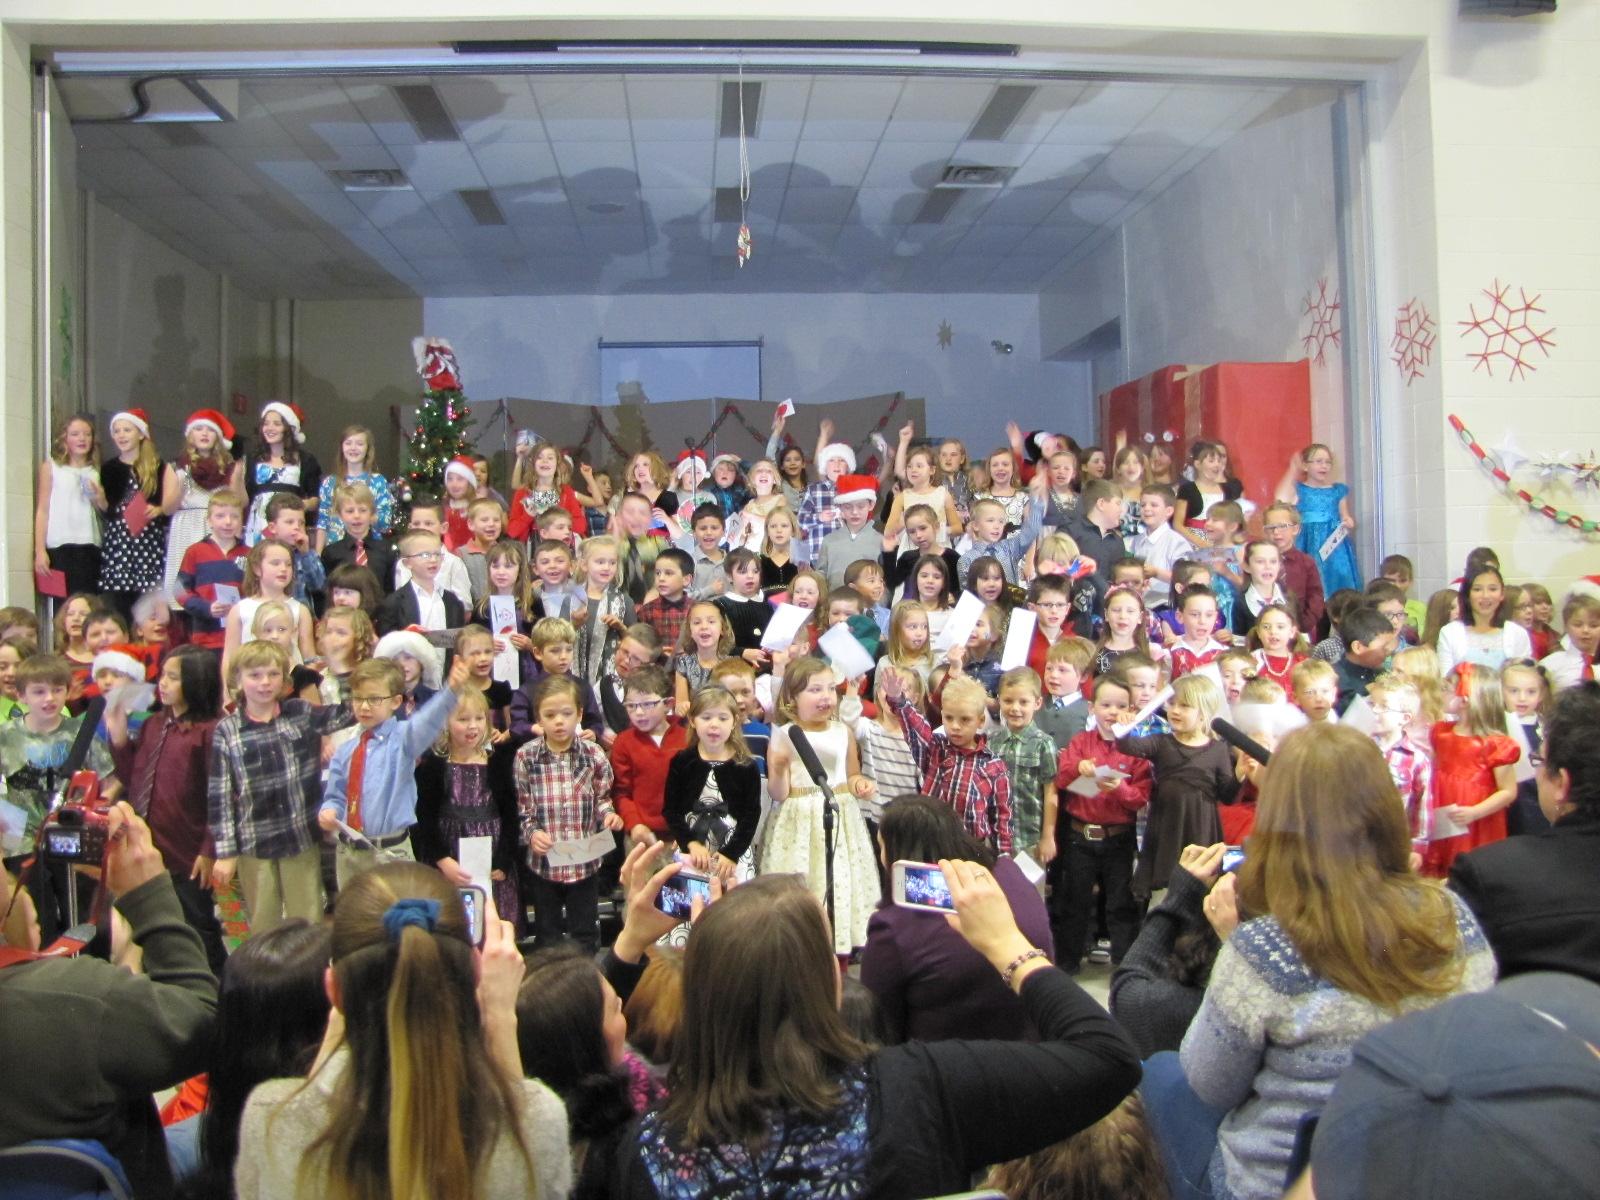 2014-12-17 TV School Christmas Concert 025